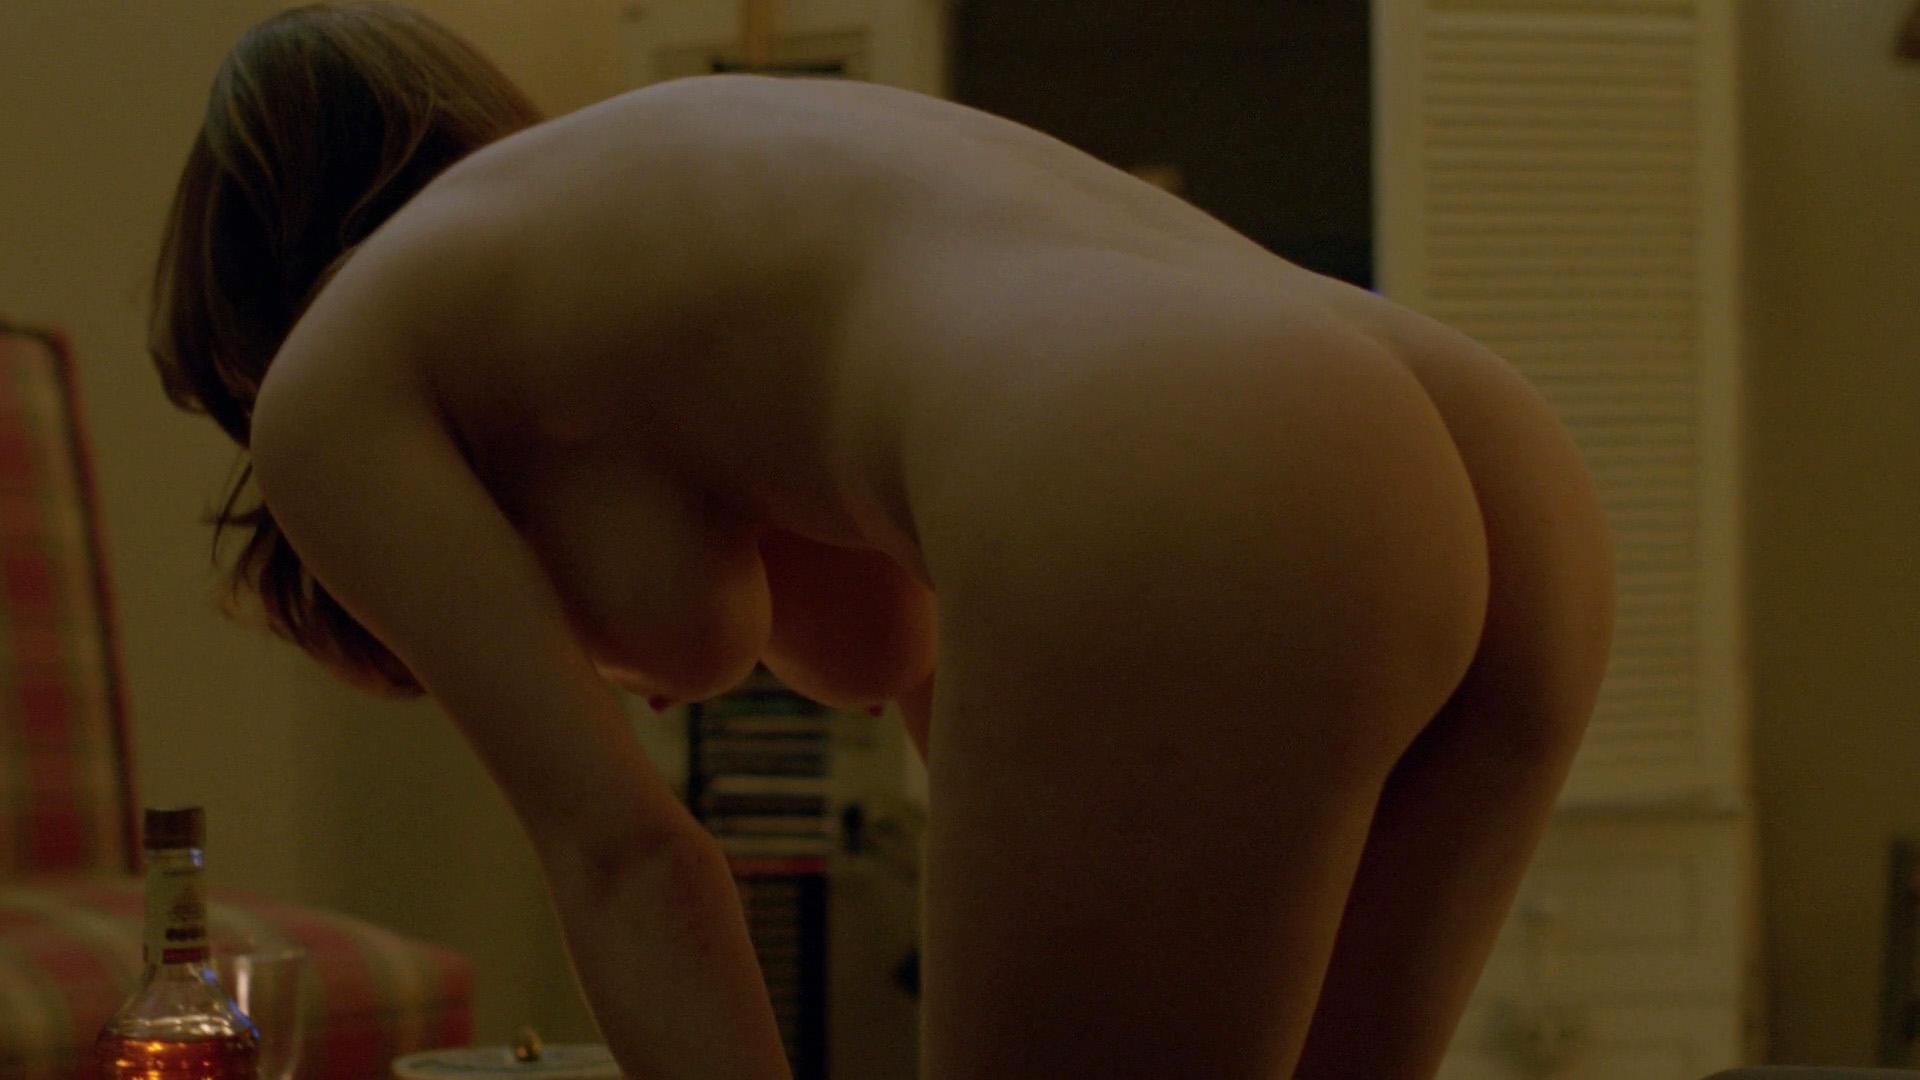 daddario online movie alexandra porn watch